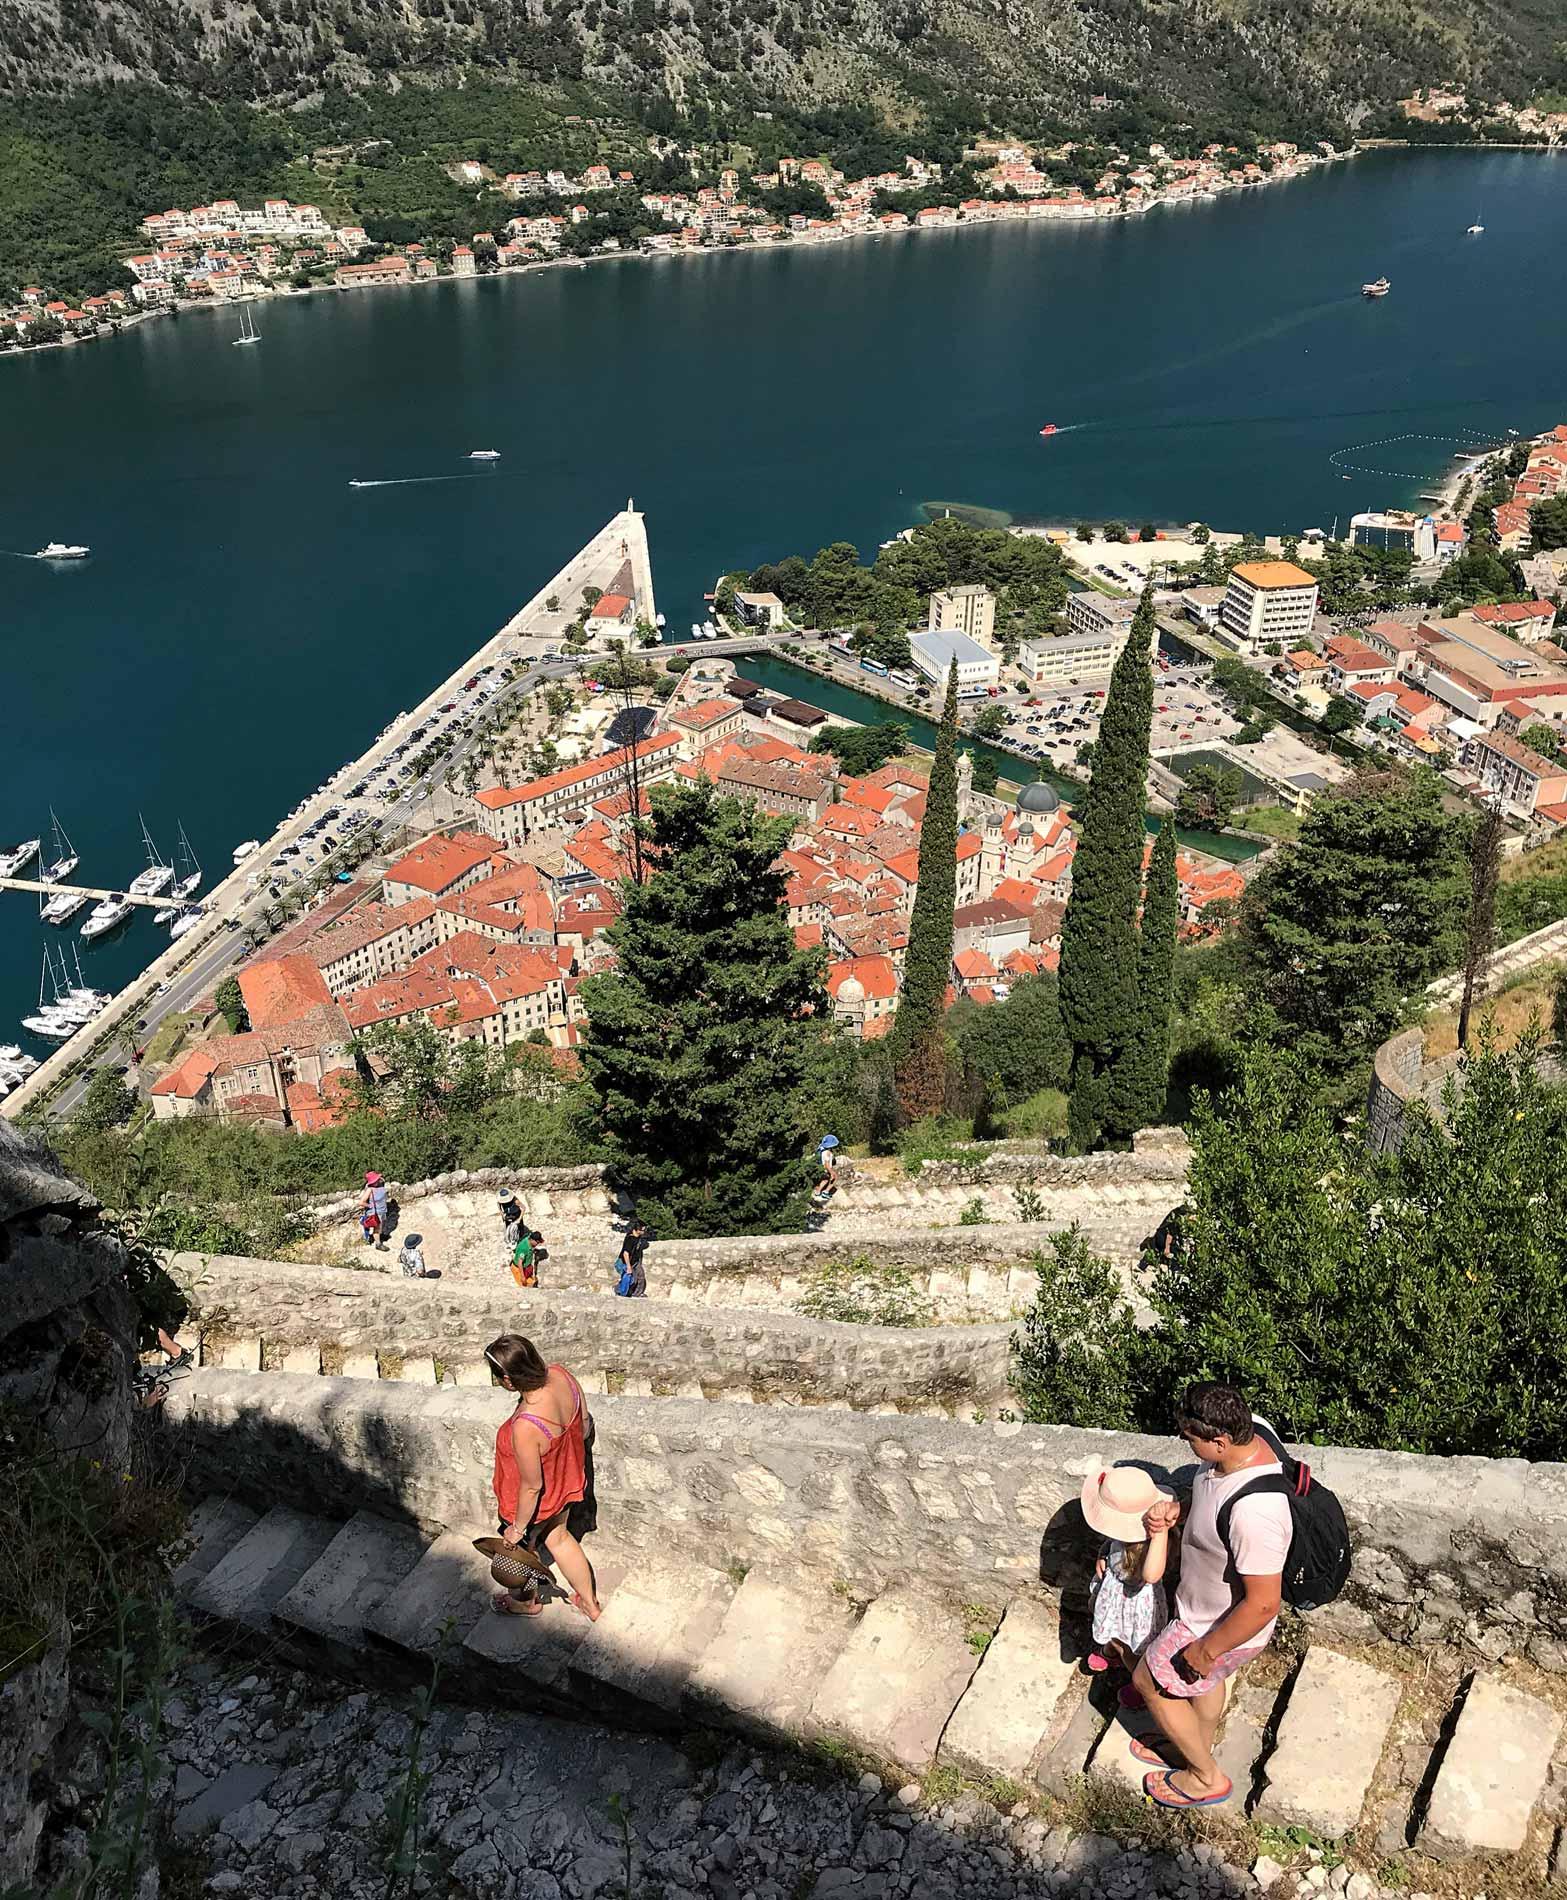 Cattaro-Montenegro-mura-fortificazioni-veneziane-colle-san-Giovanni-scalinate-zigzag-tetti-Kotor